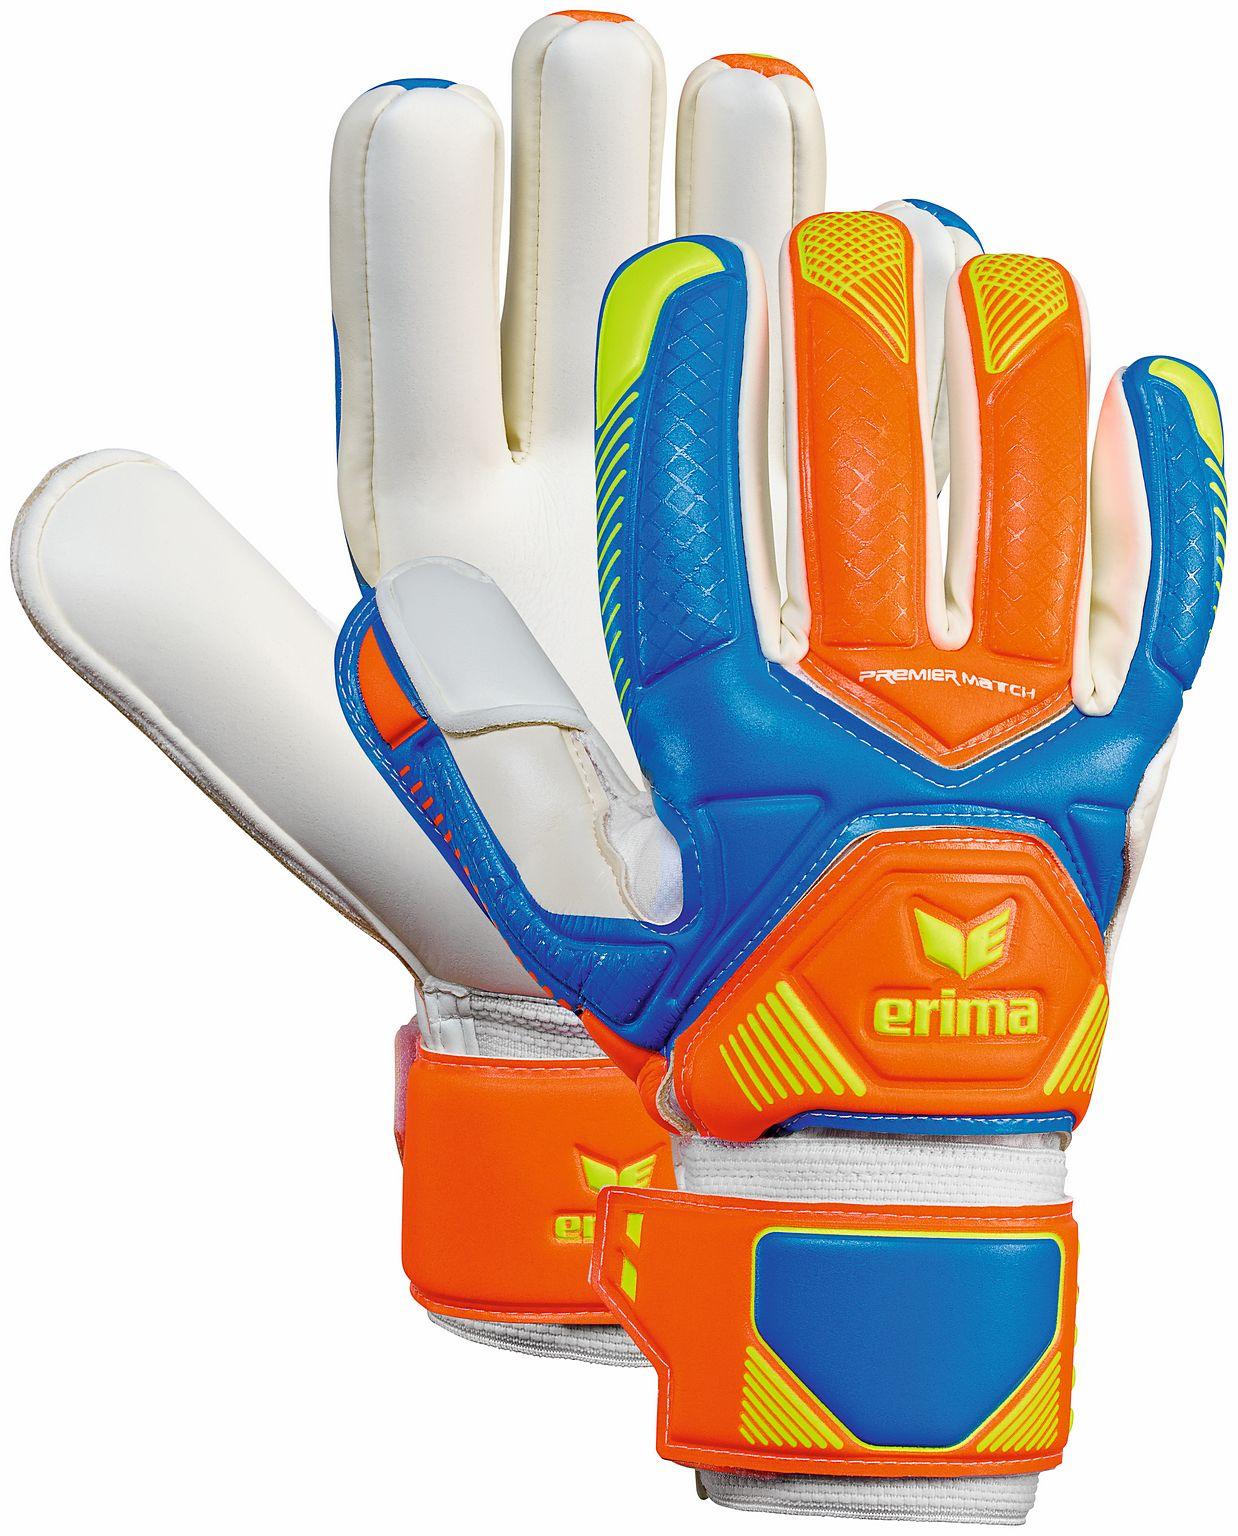 Torwart-Handschuhe Premier Match goal keeper glove